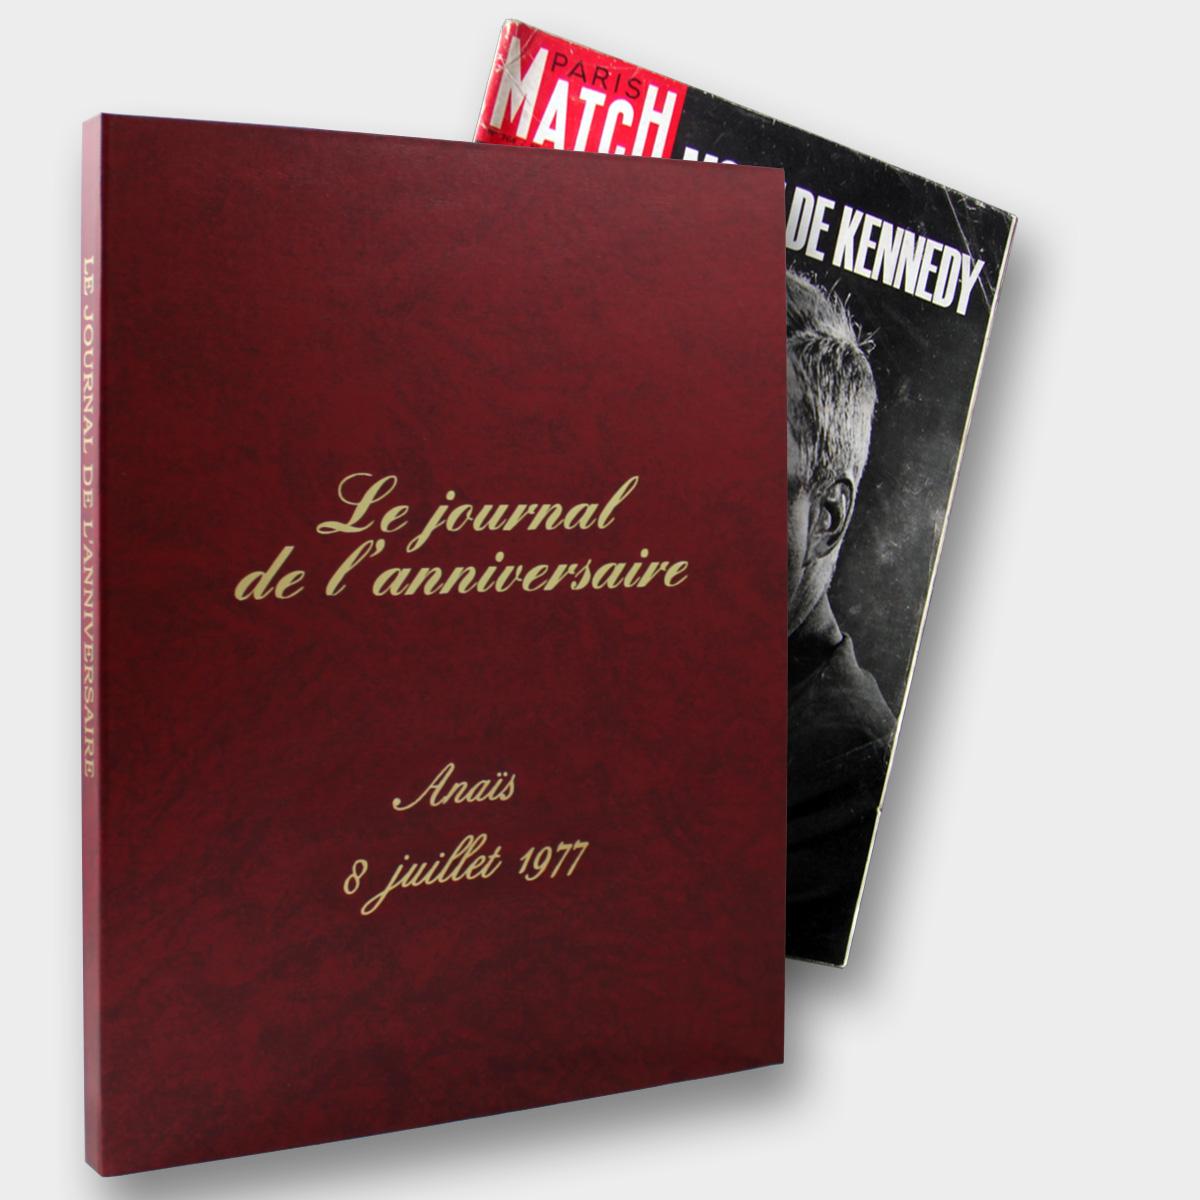 Offre journal paris match en coffret pour offrir un magazine ancien de toute date et année disponible à l'achat chez le journal anniversaire de la librairie la fontaine aux canards